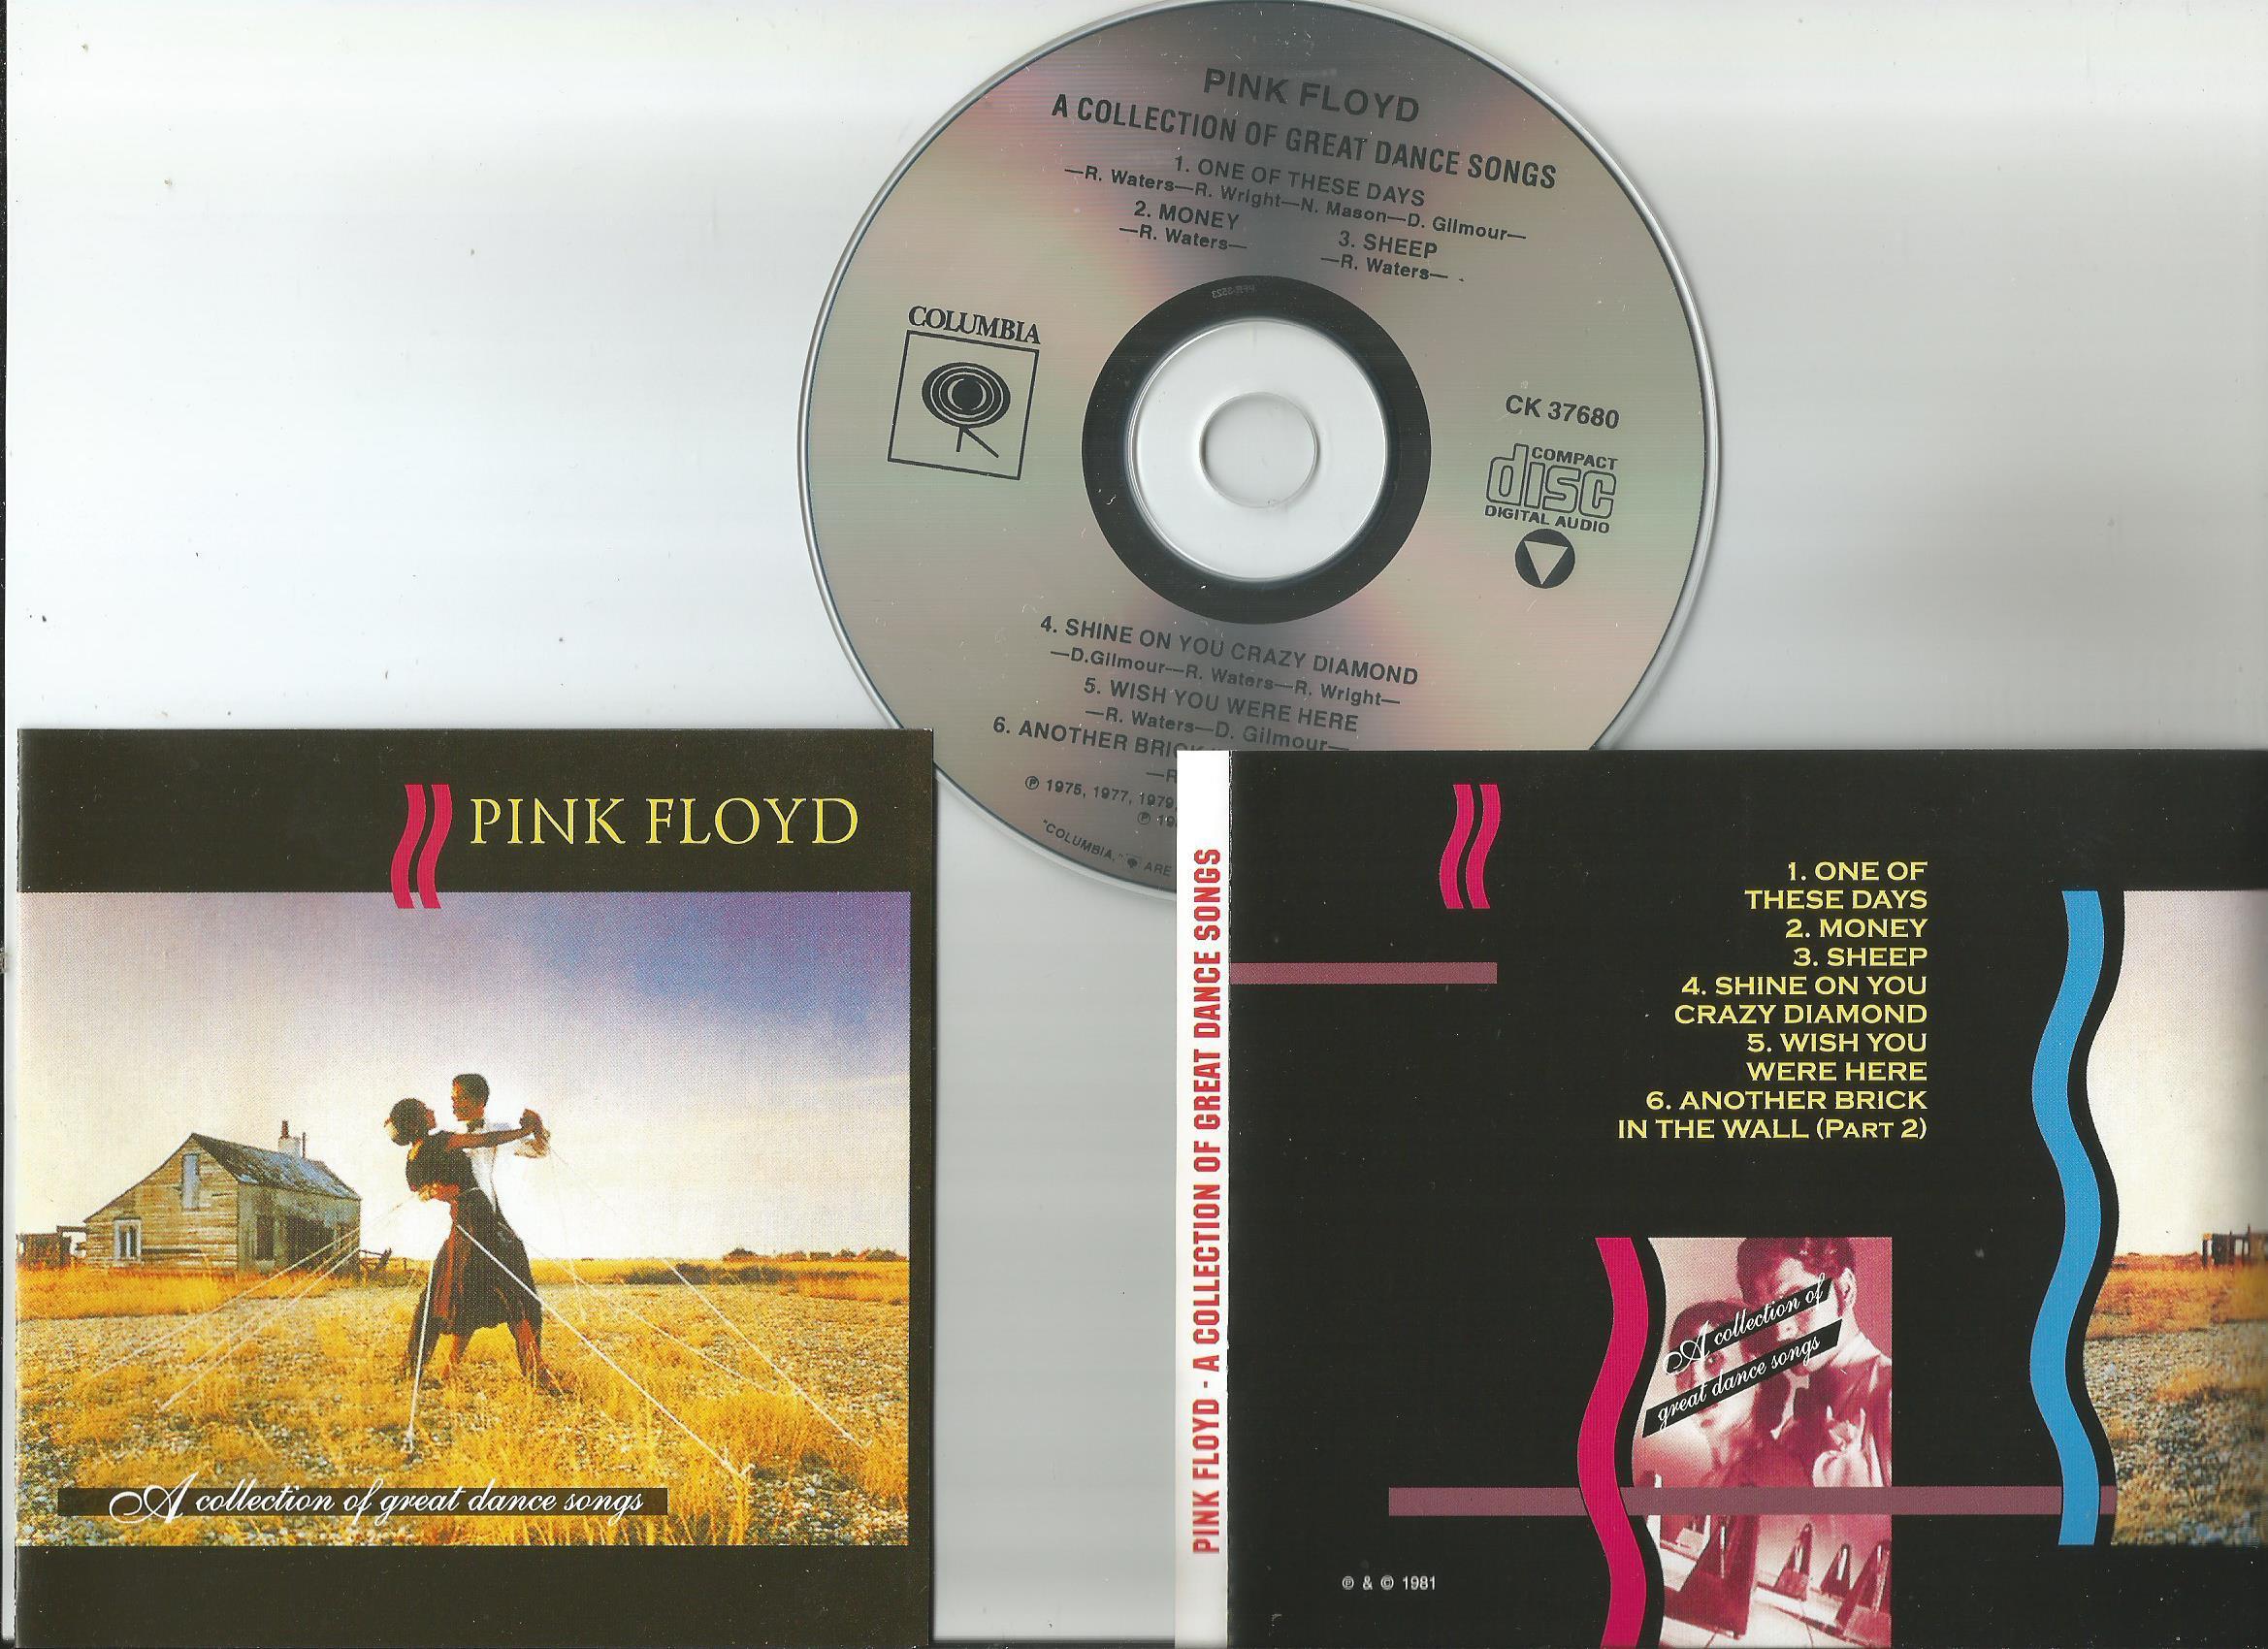 pink floyd songs - HD2338×1700